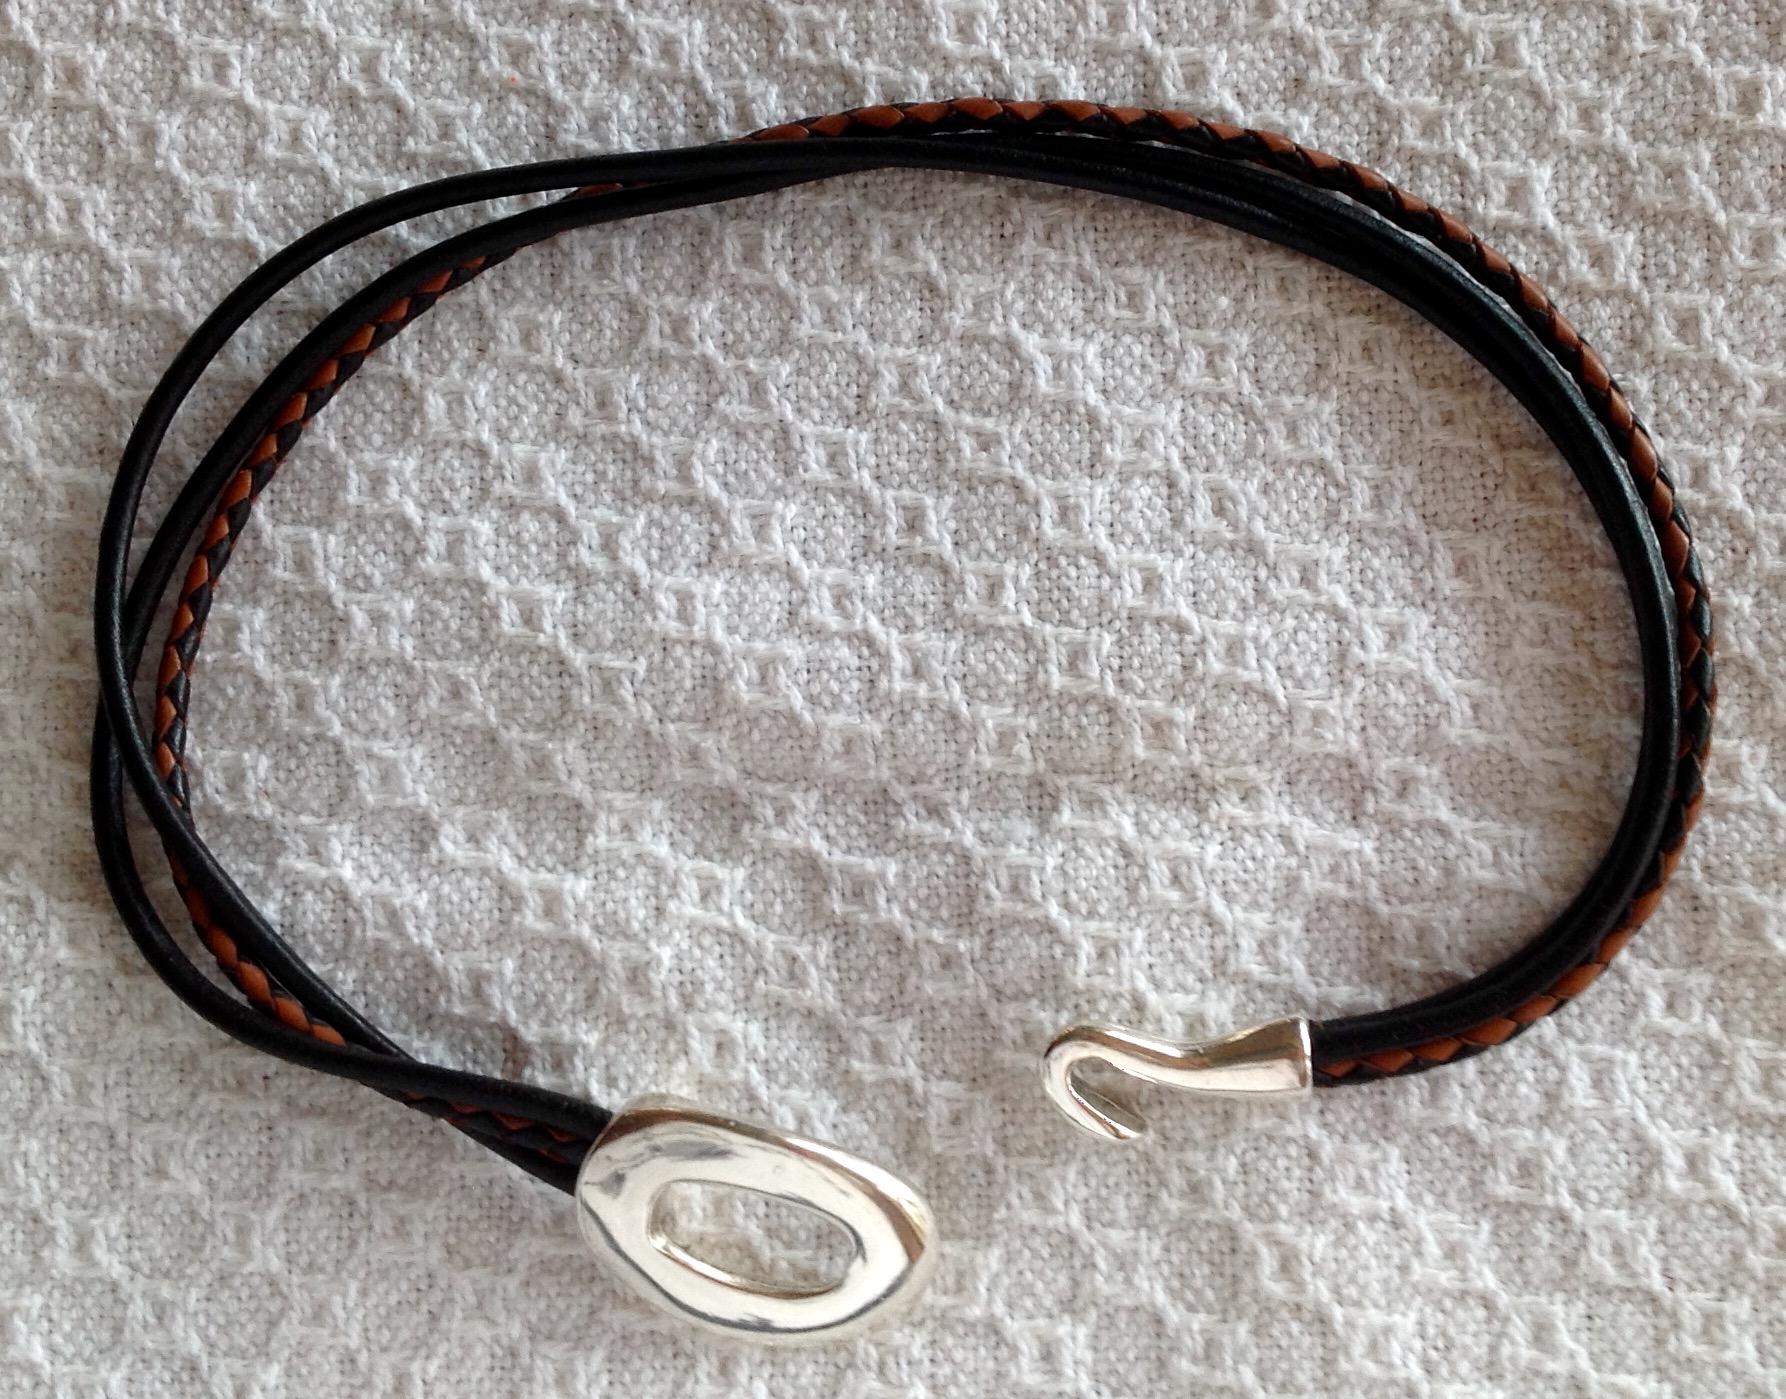 Help – Bracelet Doesn't Stay Fastened